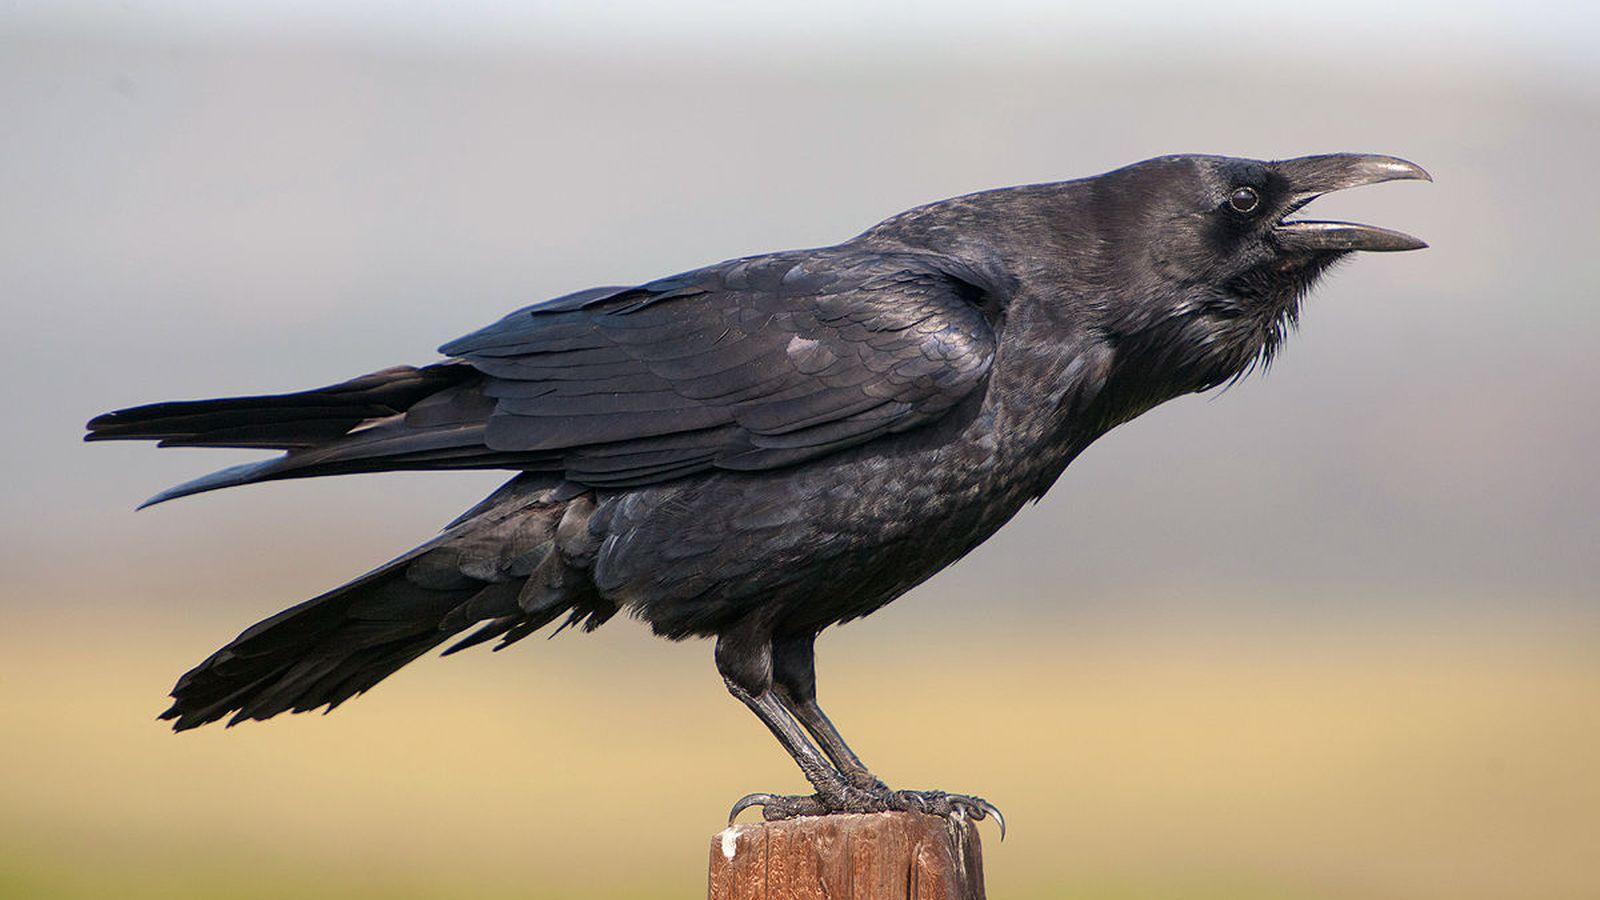 Gaitan        33 arg  1  2  9 11 25 500 455 561 299 El-cuervo-puede-ser-el-animal-mas-inteligente-del-planeta-aparte-de-los-primates